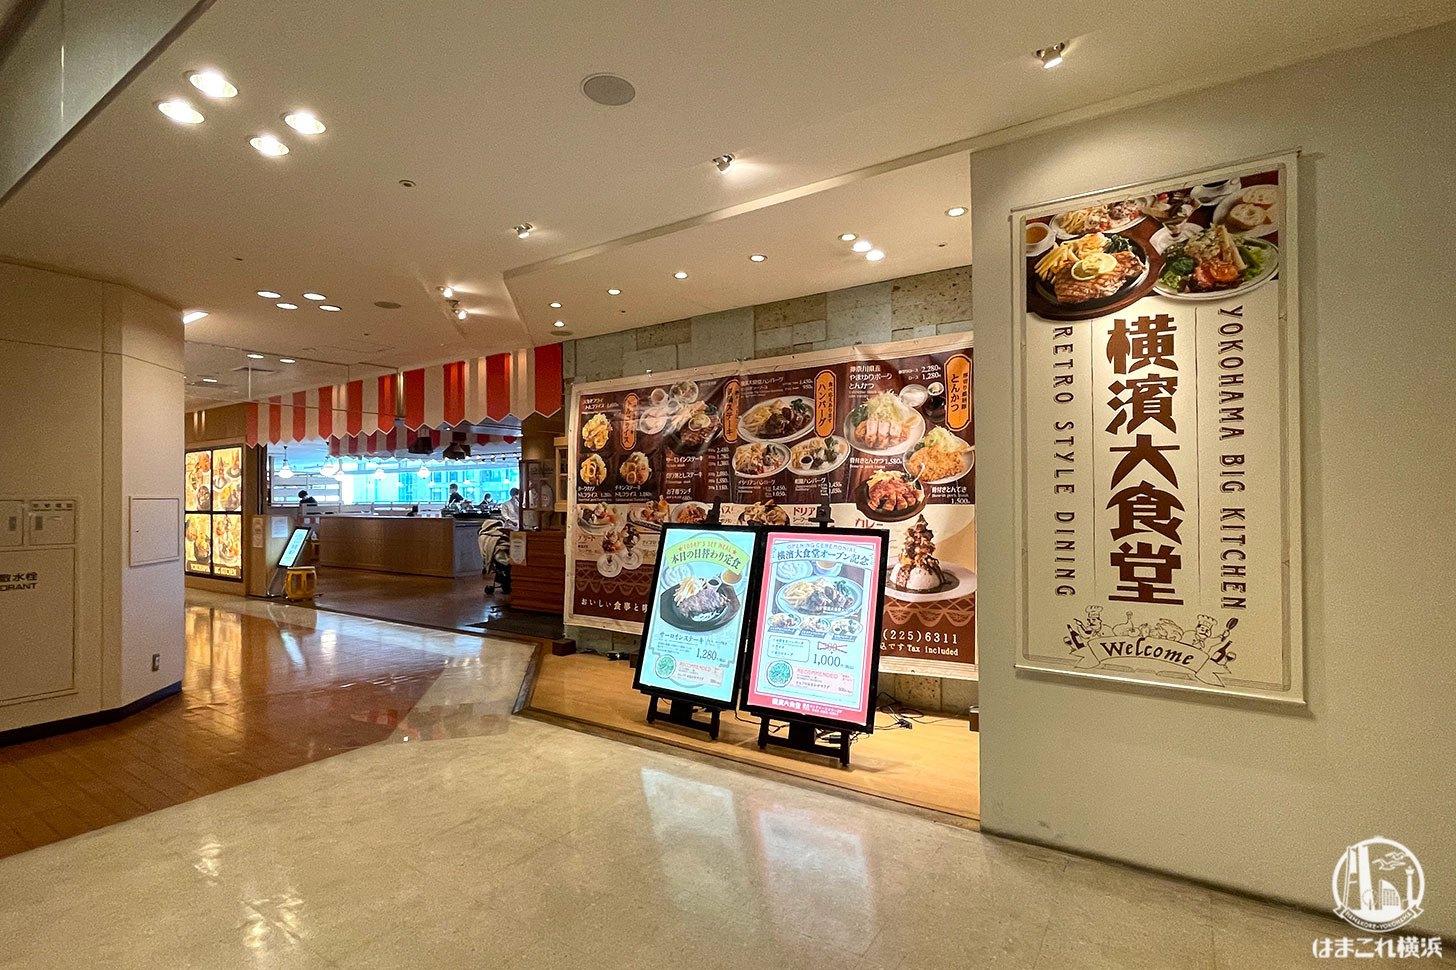 横濱大食堂 外観・入口